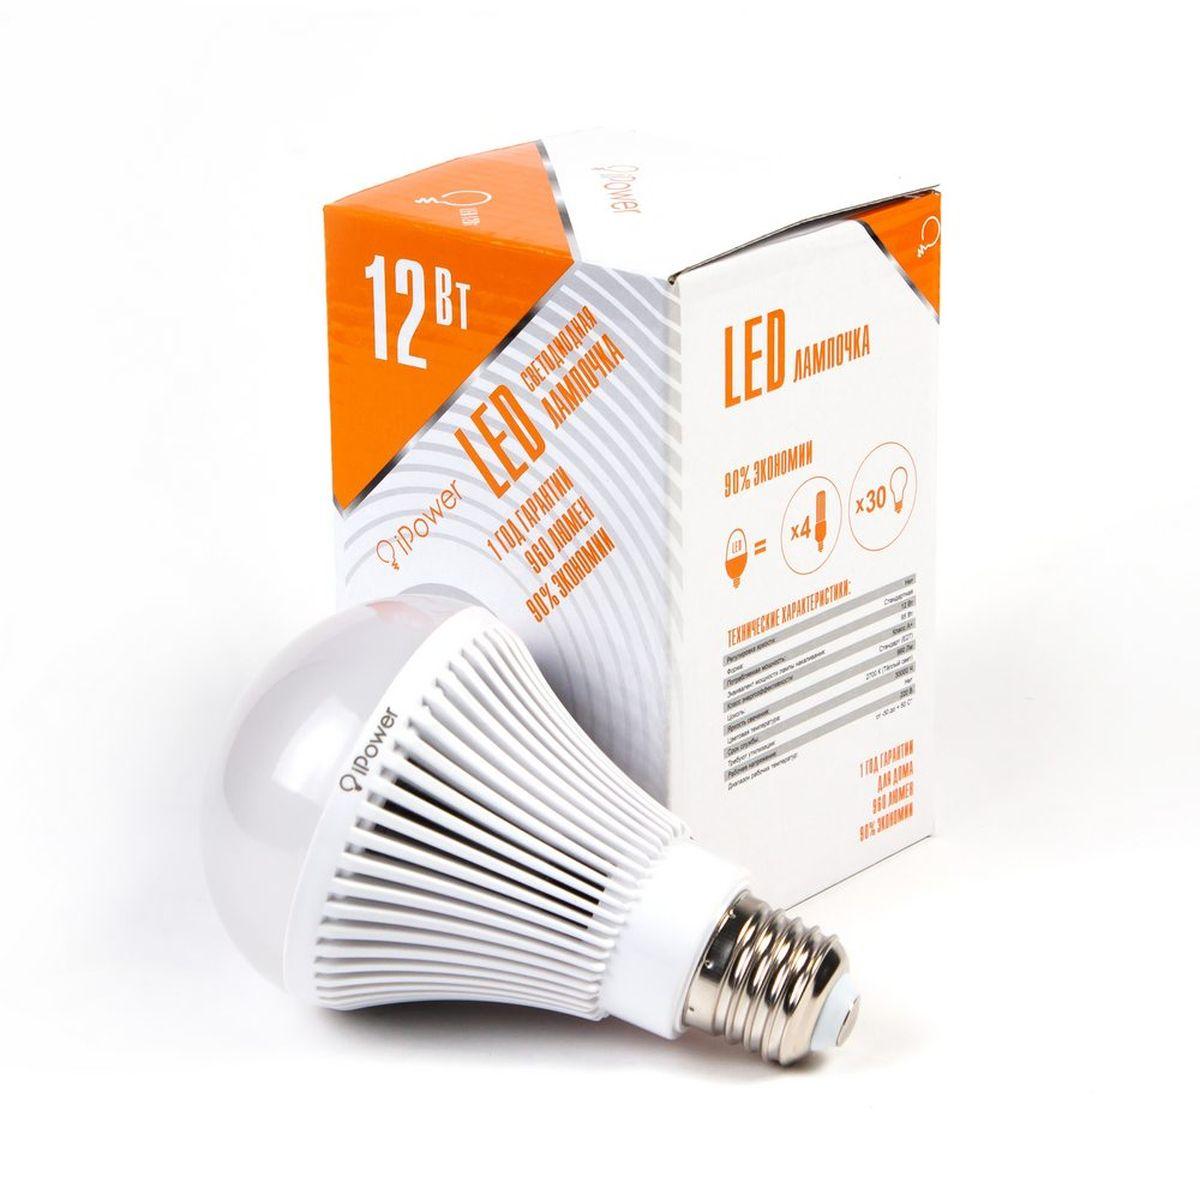 Лампа светодиодная IPower LED, цоколь Е27, 12W, 2700К теплый свет1001954Светодиодная лампочка iPower IPHB12W2700KE27 LED лампочка iPower имеет очень низкое энергопотребление, в сравнении с лампами накаливания LED потребляет в 12 раз меньше электричества, а в сравнении с энергосберегающими в 2-4 раз меньше. При этом срок службы LED лампочки в 5 раз выше, чем энергосберегающей, и в 50 раз выше, чем у лампы накаливания. Светодиодные лампочки iPower создают мягкий рассеивающий свет без мерцаний, что совершенно безопасно для глаз. Они специально разработаны по требованиям российских и европейских законов и подходят ко всем осветительным устройствам, совместимым со стандартным цоколем E27. Габариты 45x45x15.5 Гарантия 12 мес. Диапазон рабочих температур от -50 до +50 °С Материал Алюминий, поликарбонат ПартНомер ZGB-QP80WS-12 2700K Потребляемая мощность 12 Вт Рабочее напряжение, В 220В Размер 80*135 мм Регулировка яркости Нет Световая температура 2700К (Тёплый свет) Срок службы 30000 часов Тип упаковки...